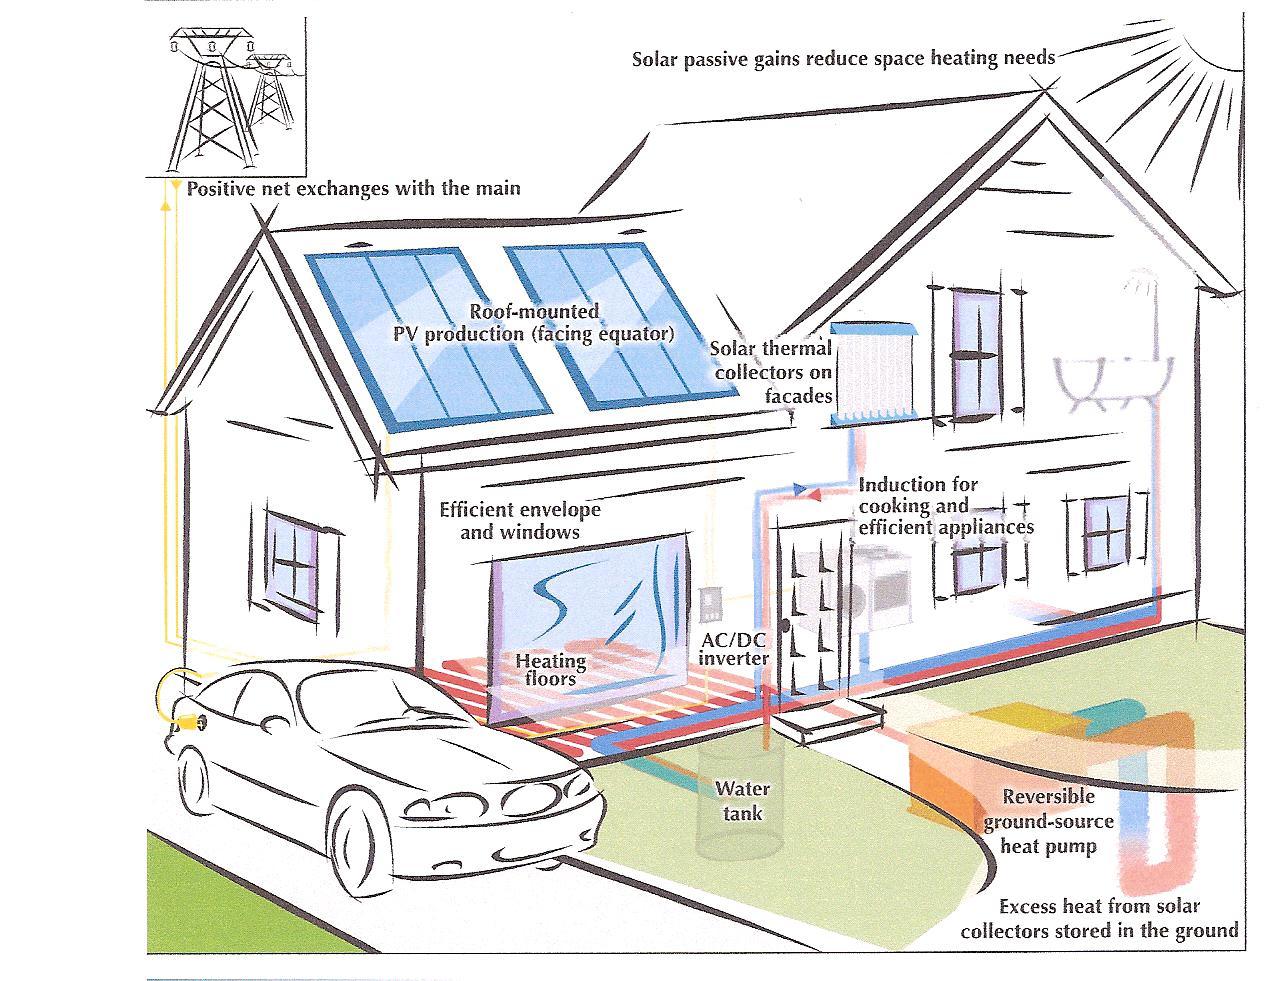 L nergie dans les villes du futur un d fi redoutable energie choix futur - Comment faire des economie d energie dans une maison ...